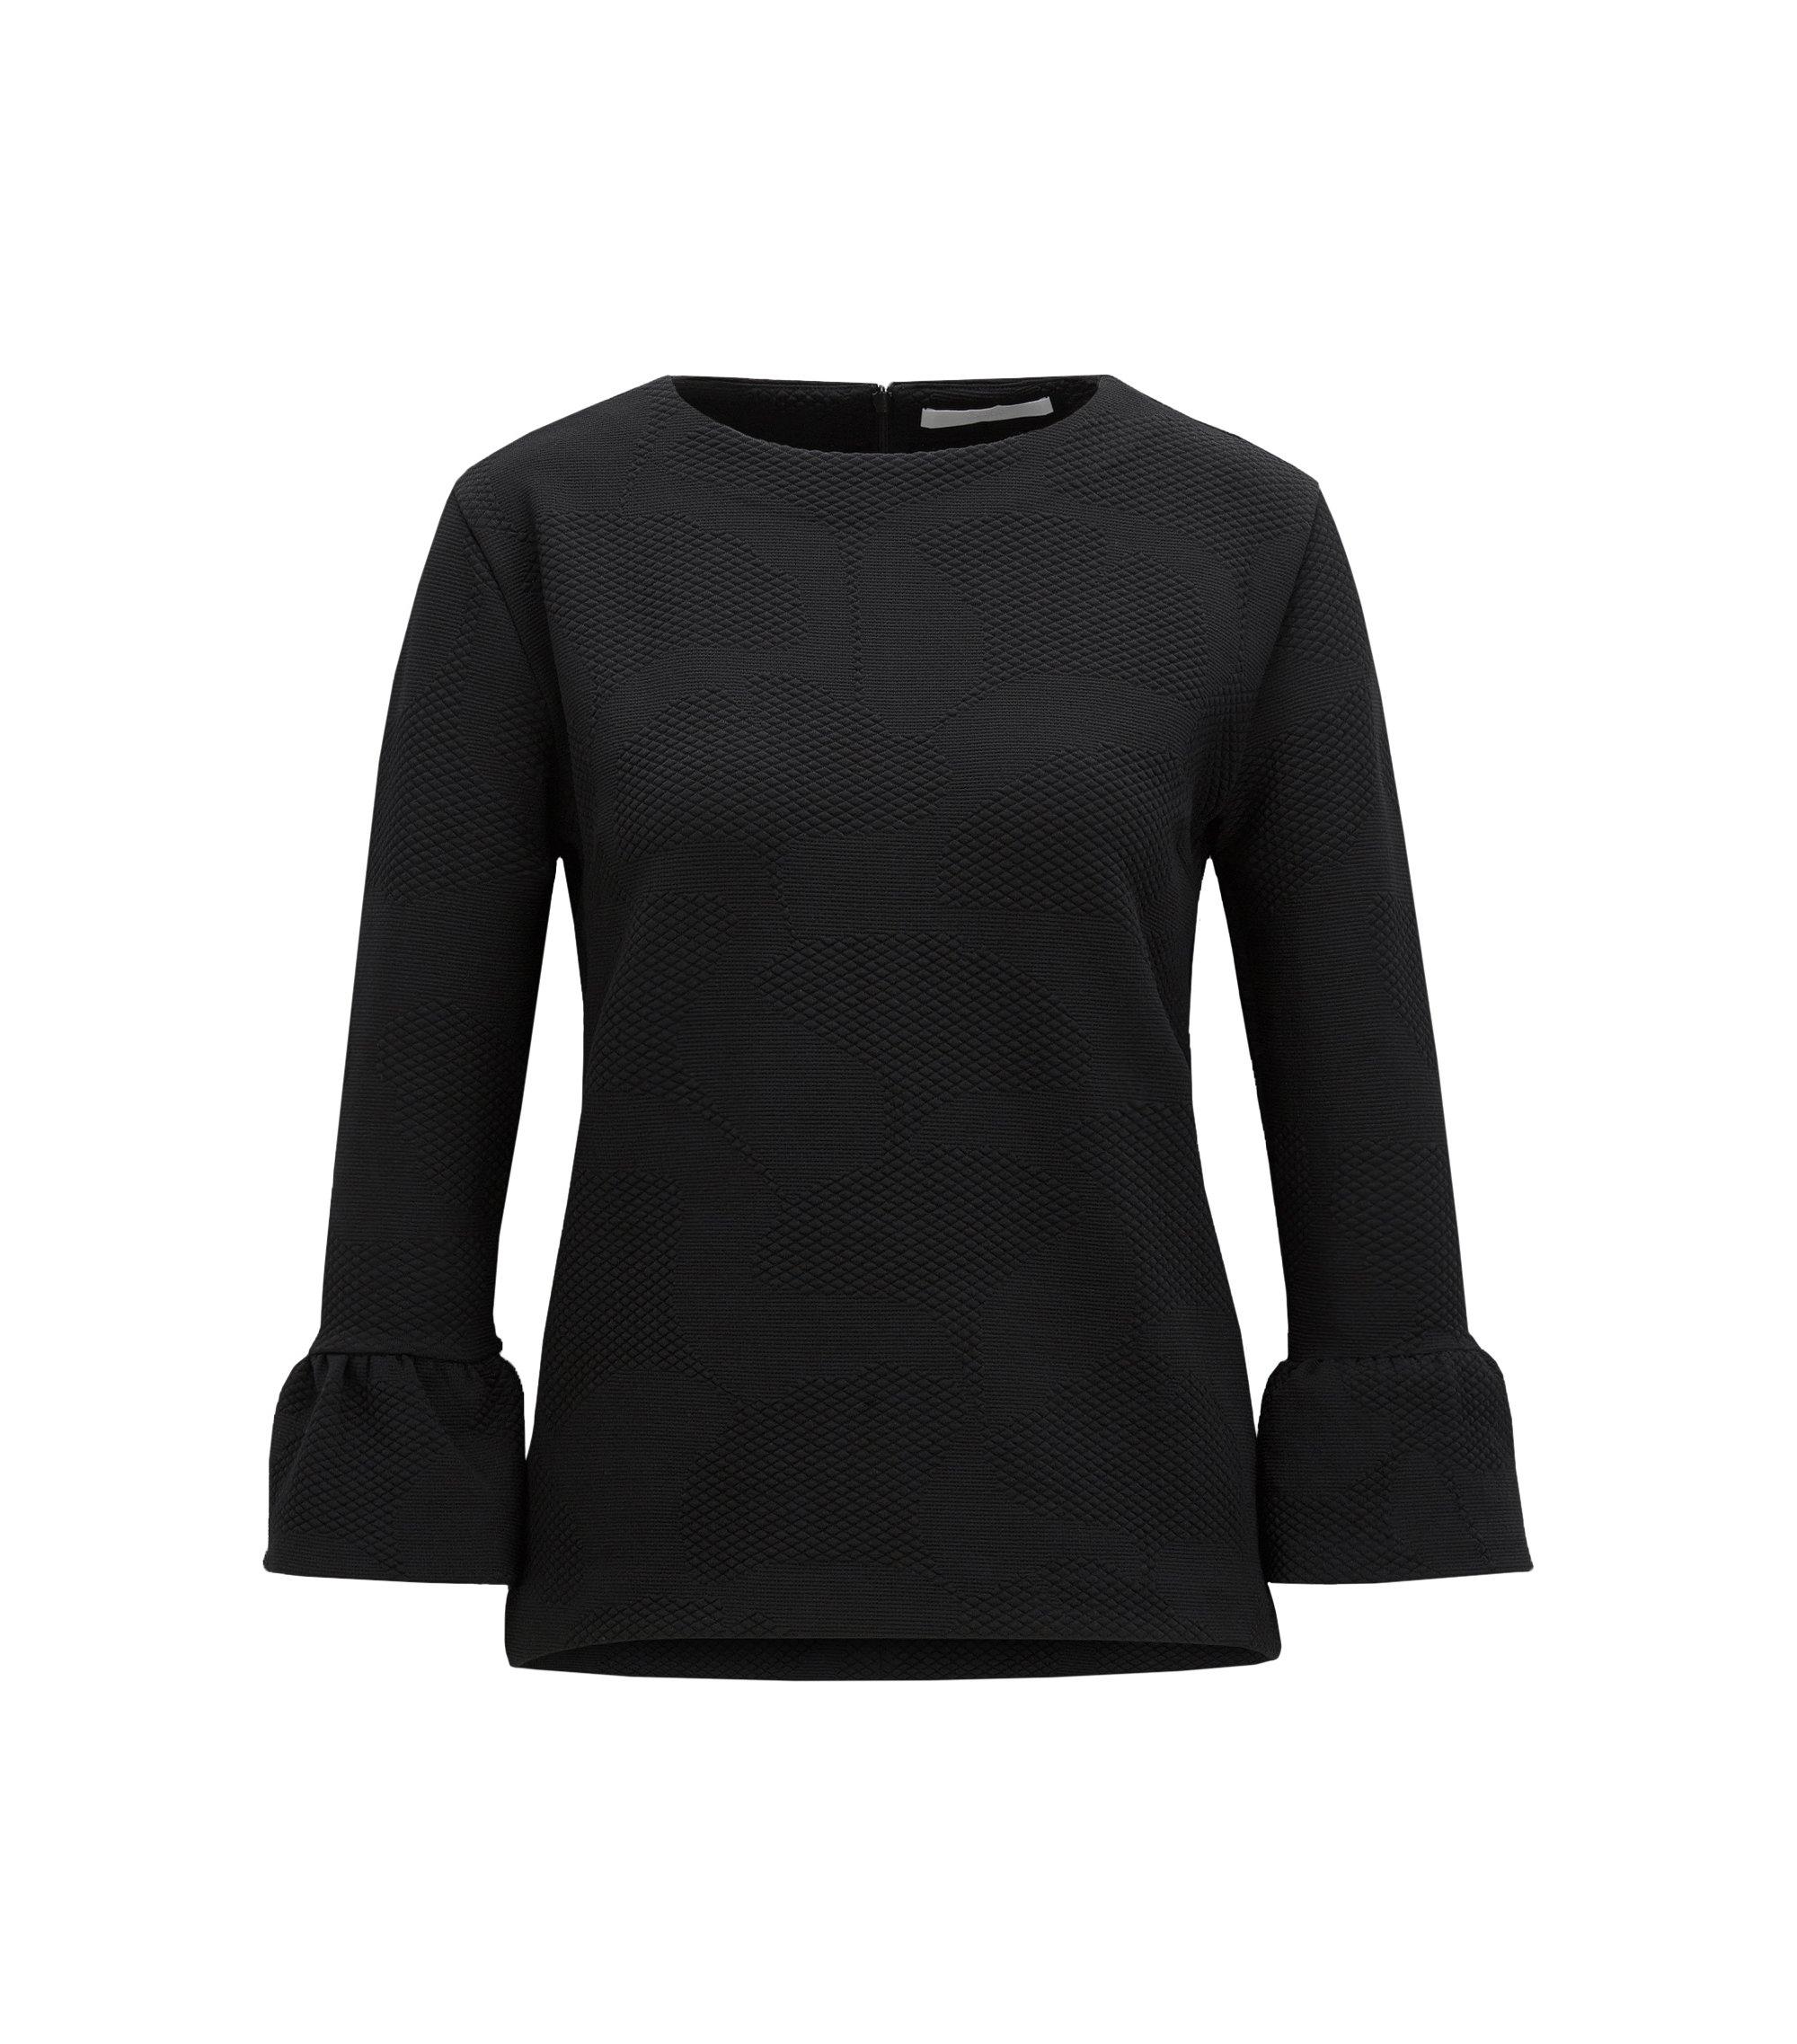 Regular-Fit Pullover aus strukturiertem Stretch-Gewebe, Schwarz